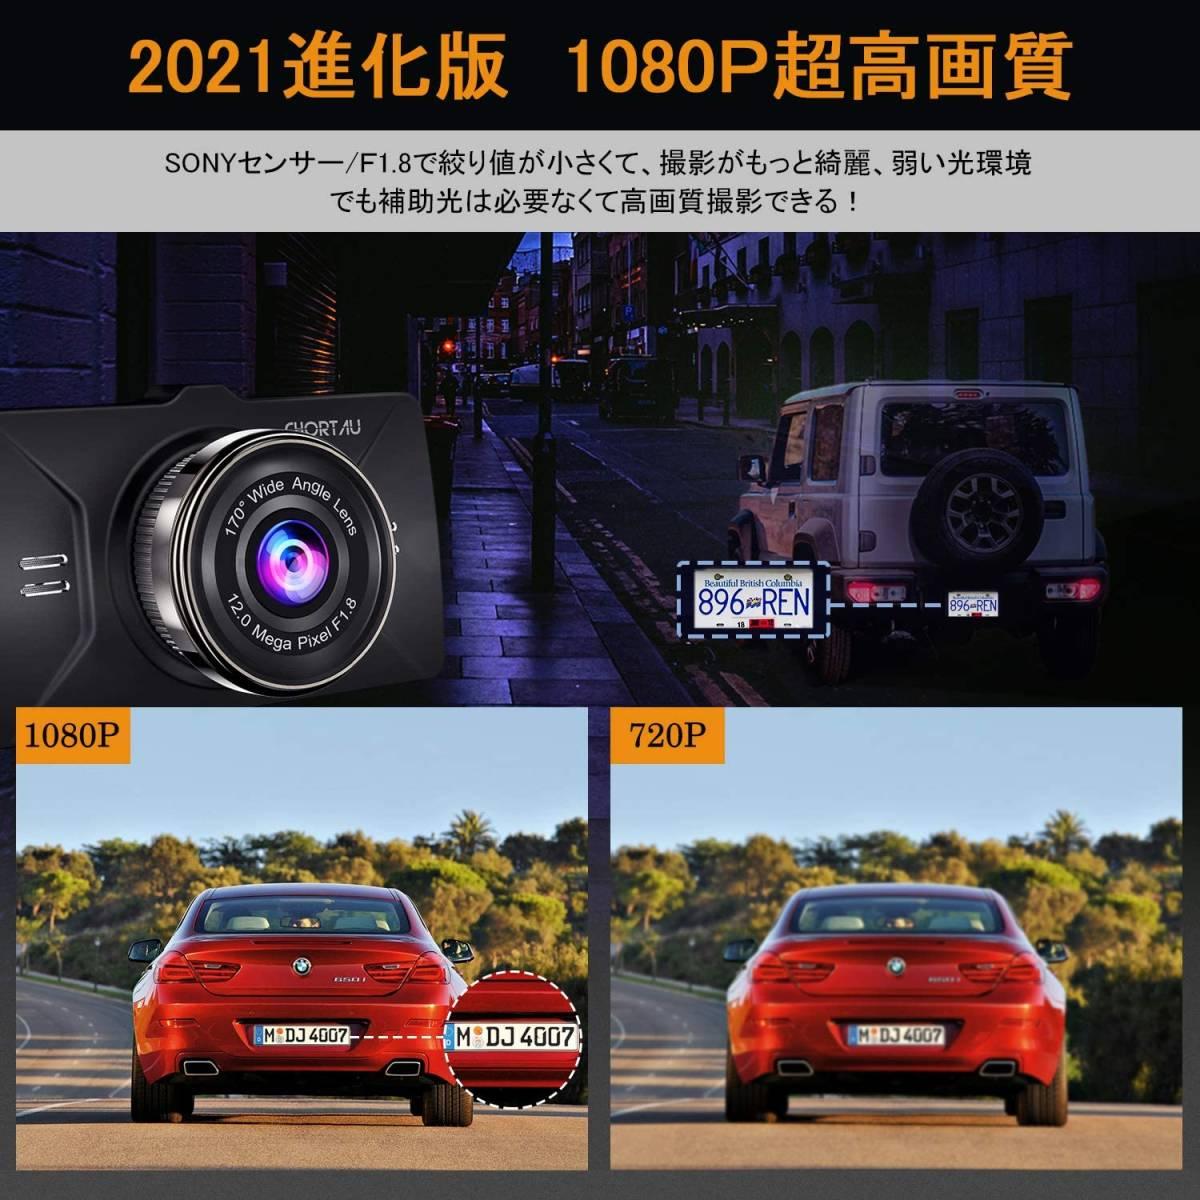 【2021進化版&GPS搭載&前後カメラ】.ドライブレコーダー 前後カメラ1080PフルHD 3.0インチ高画質 170度広角視野 常時録画 Gセンサー_画像6